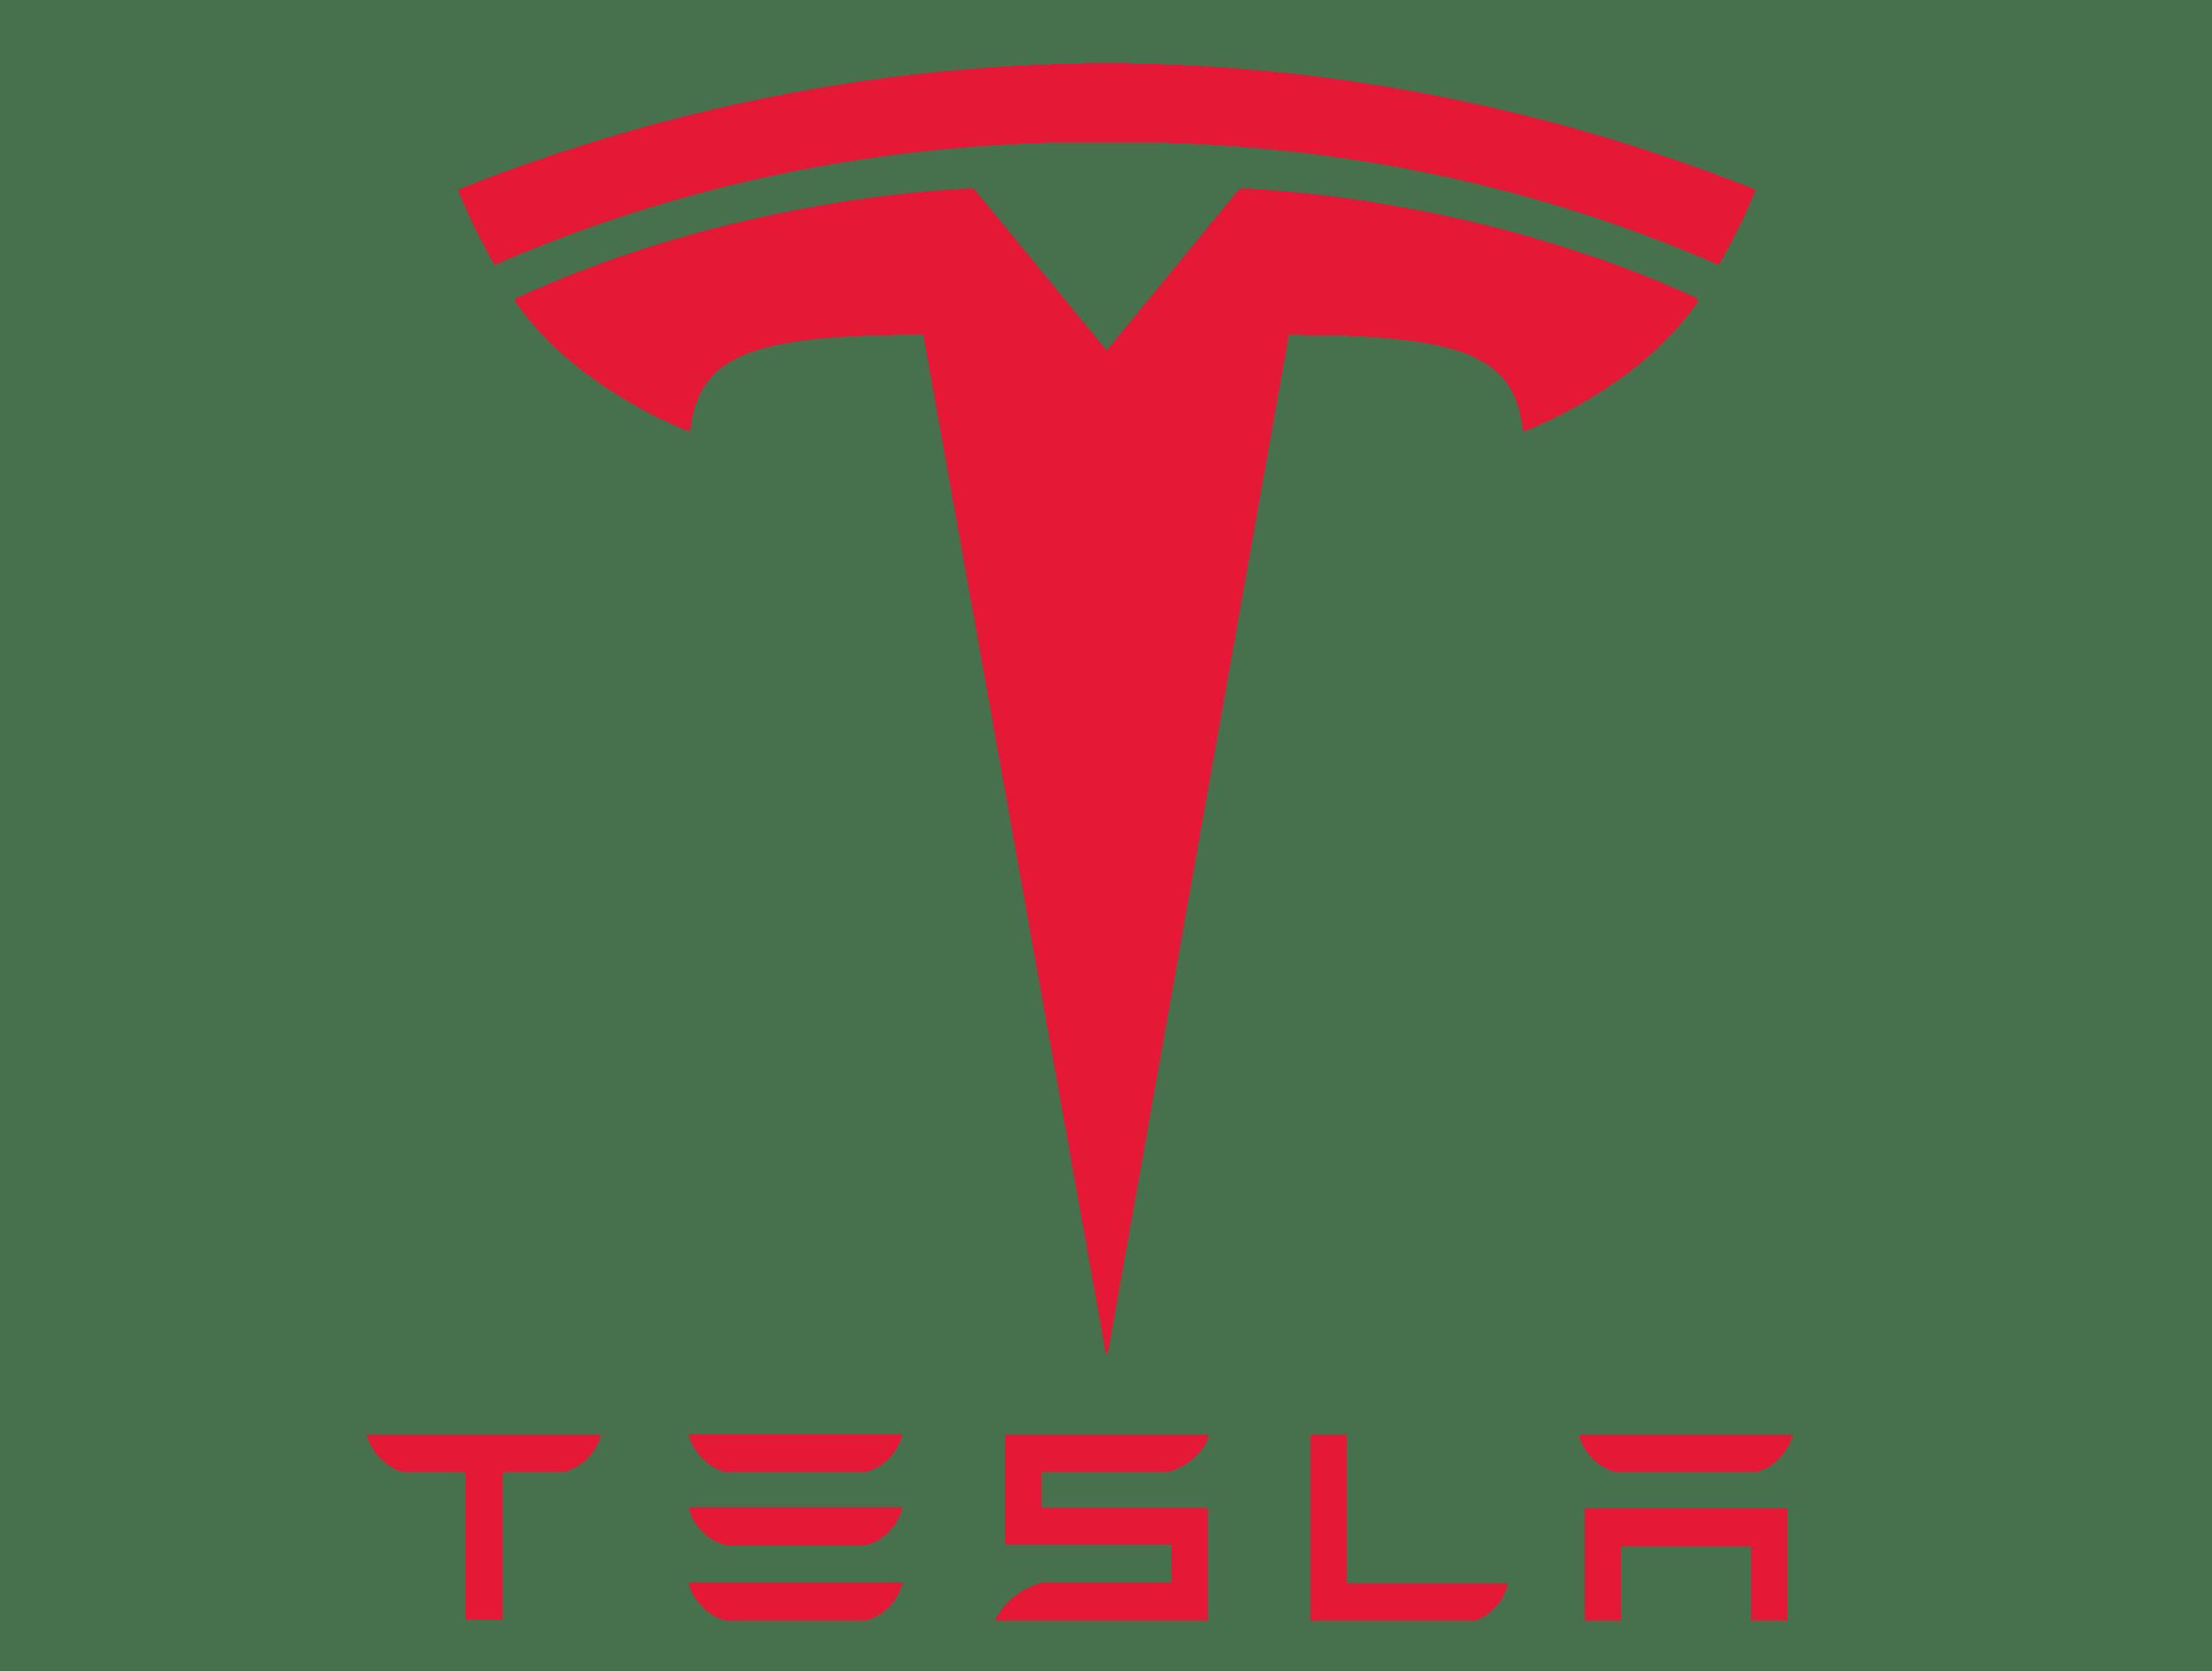 Tesla vin check